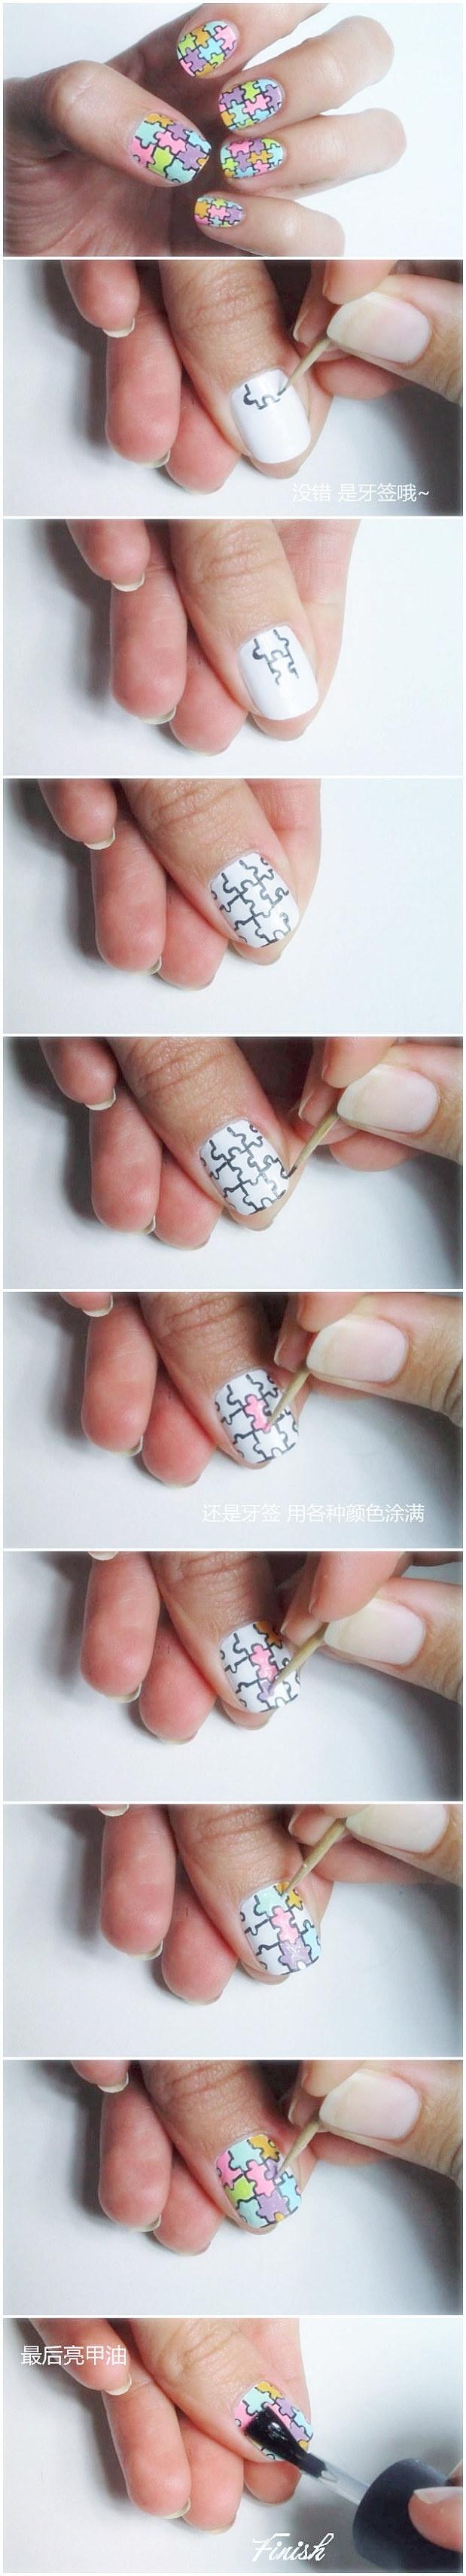 Easy Nails Tutorials